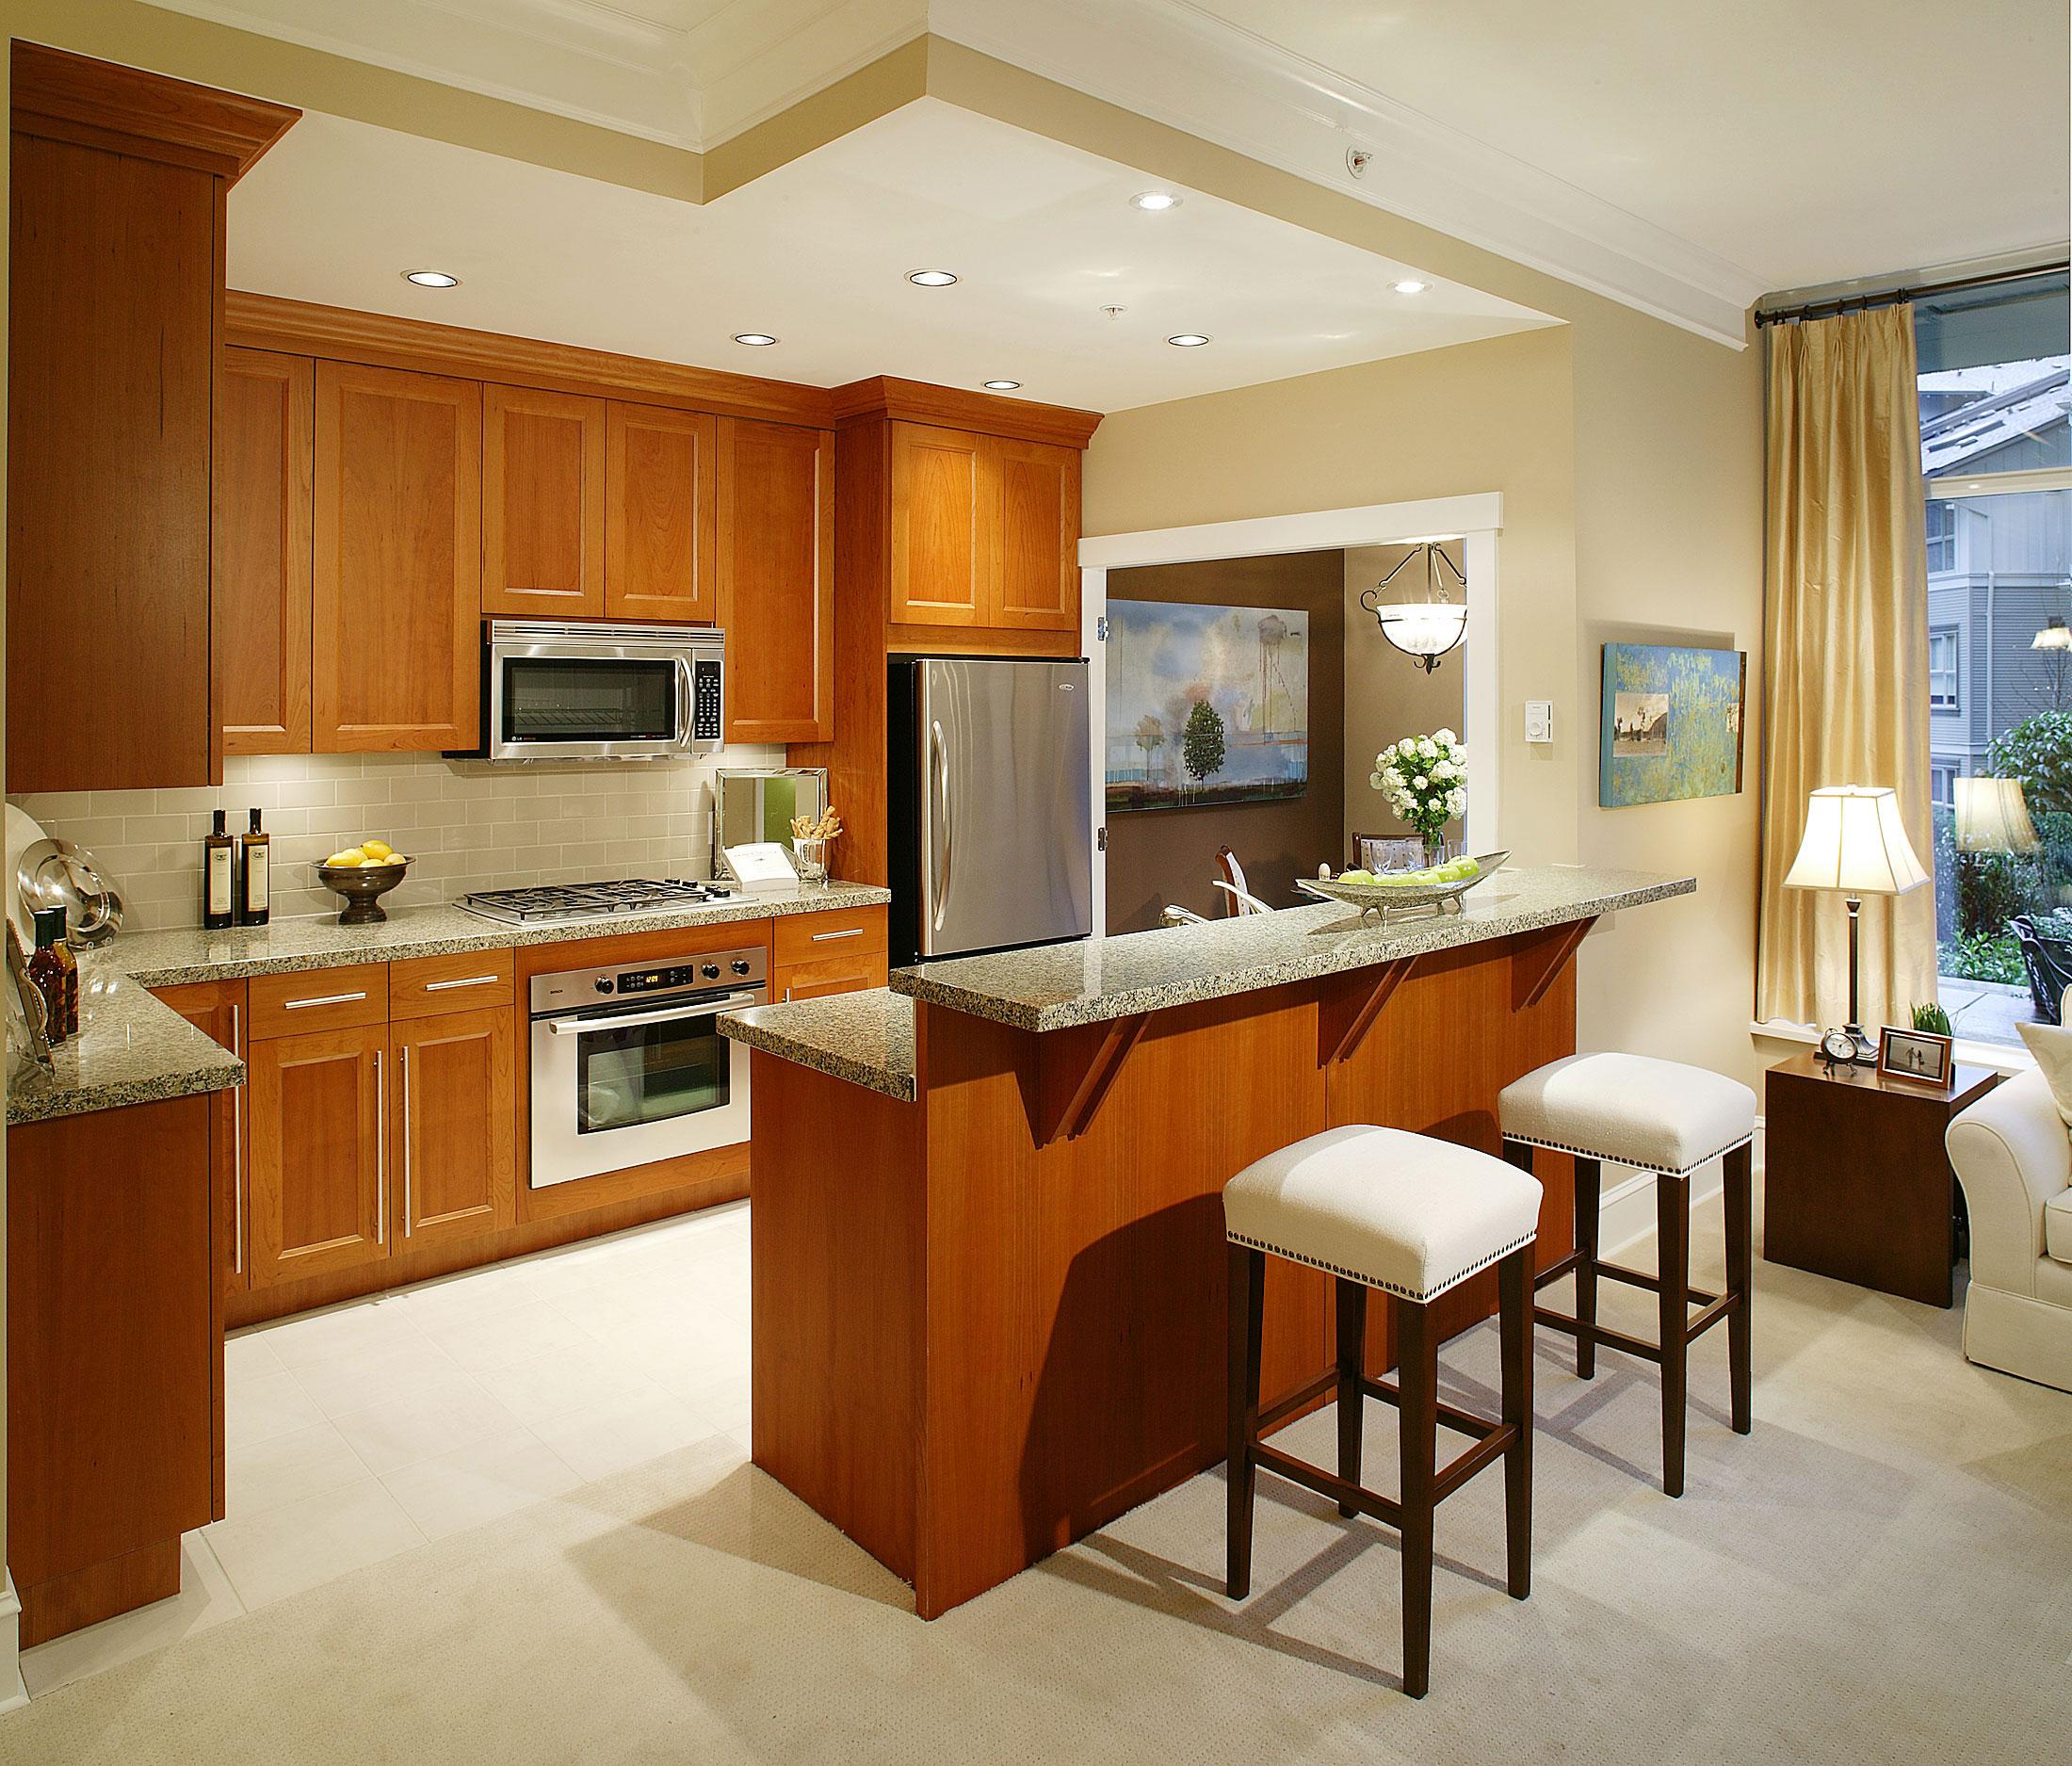 Välj-Lång-Horisontell-möbler Hur du får ditt tak att se högre ut